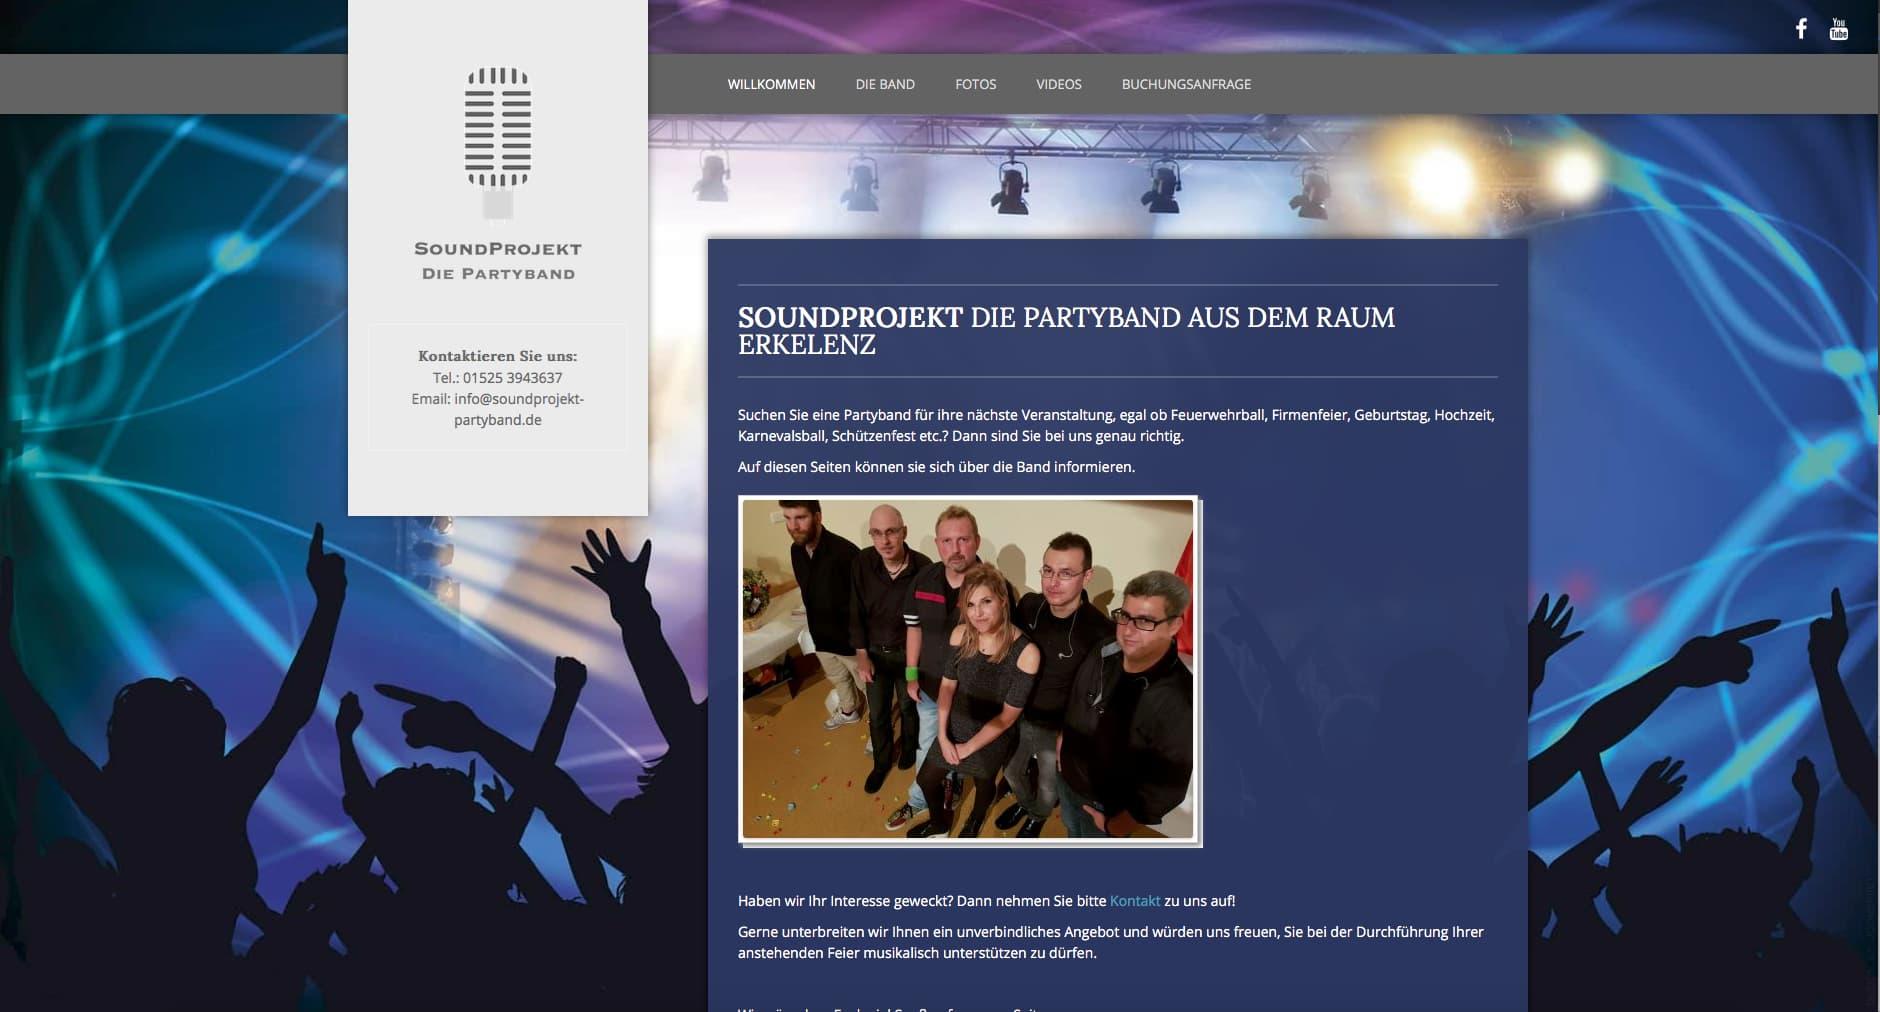 Soundprojekt-partyband.de